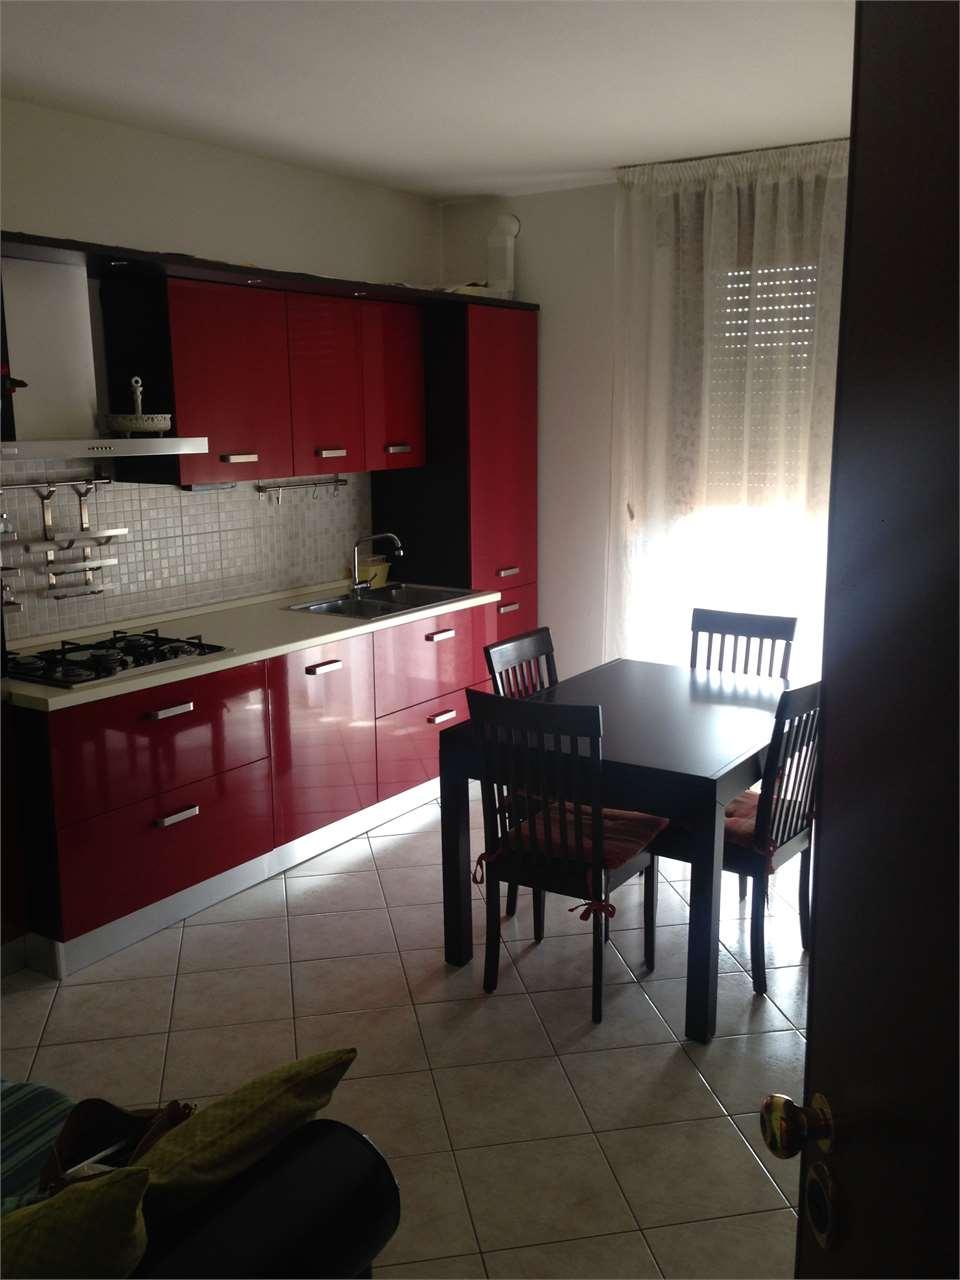 Appartamento in vendita a San Giorgio di Mantova, 3 locali, zona Zona: Mottella, prezzo € 105.000 | CambioCasa.it